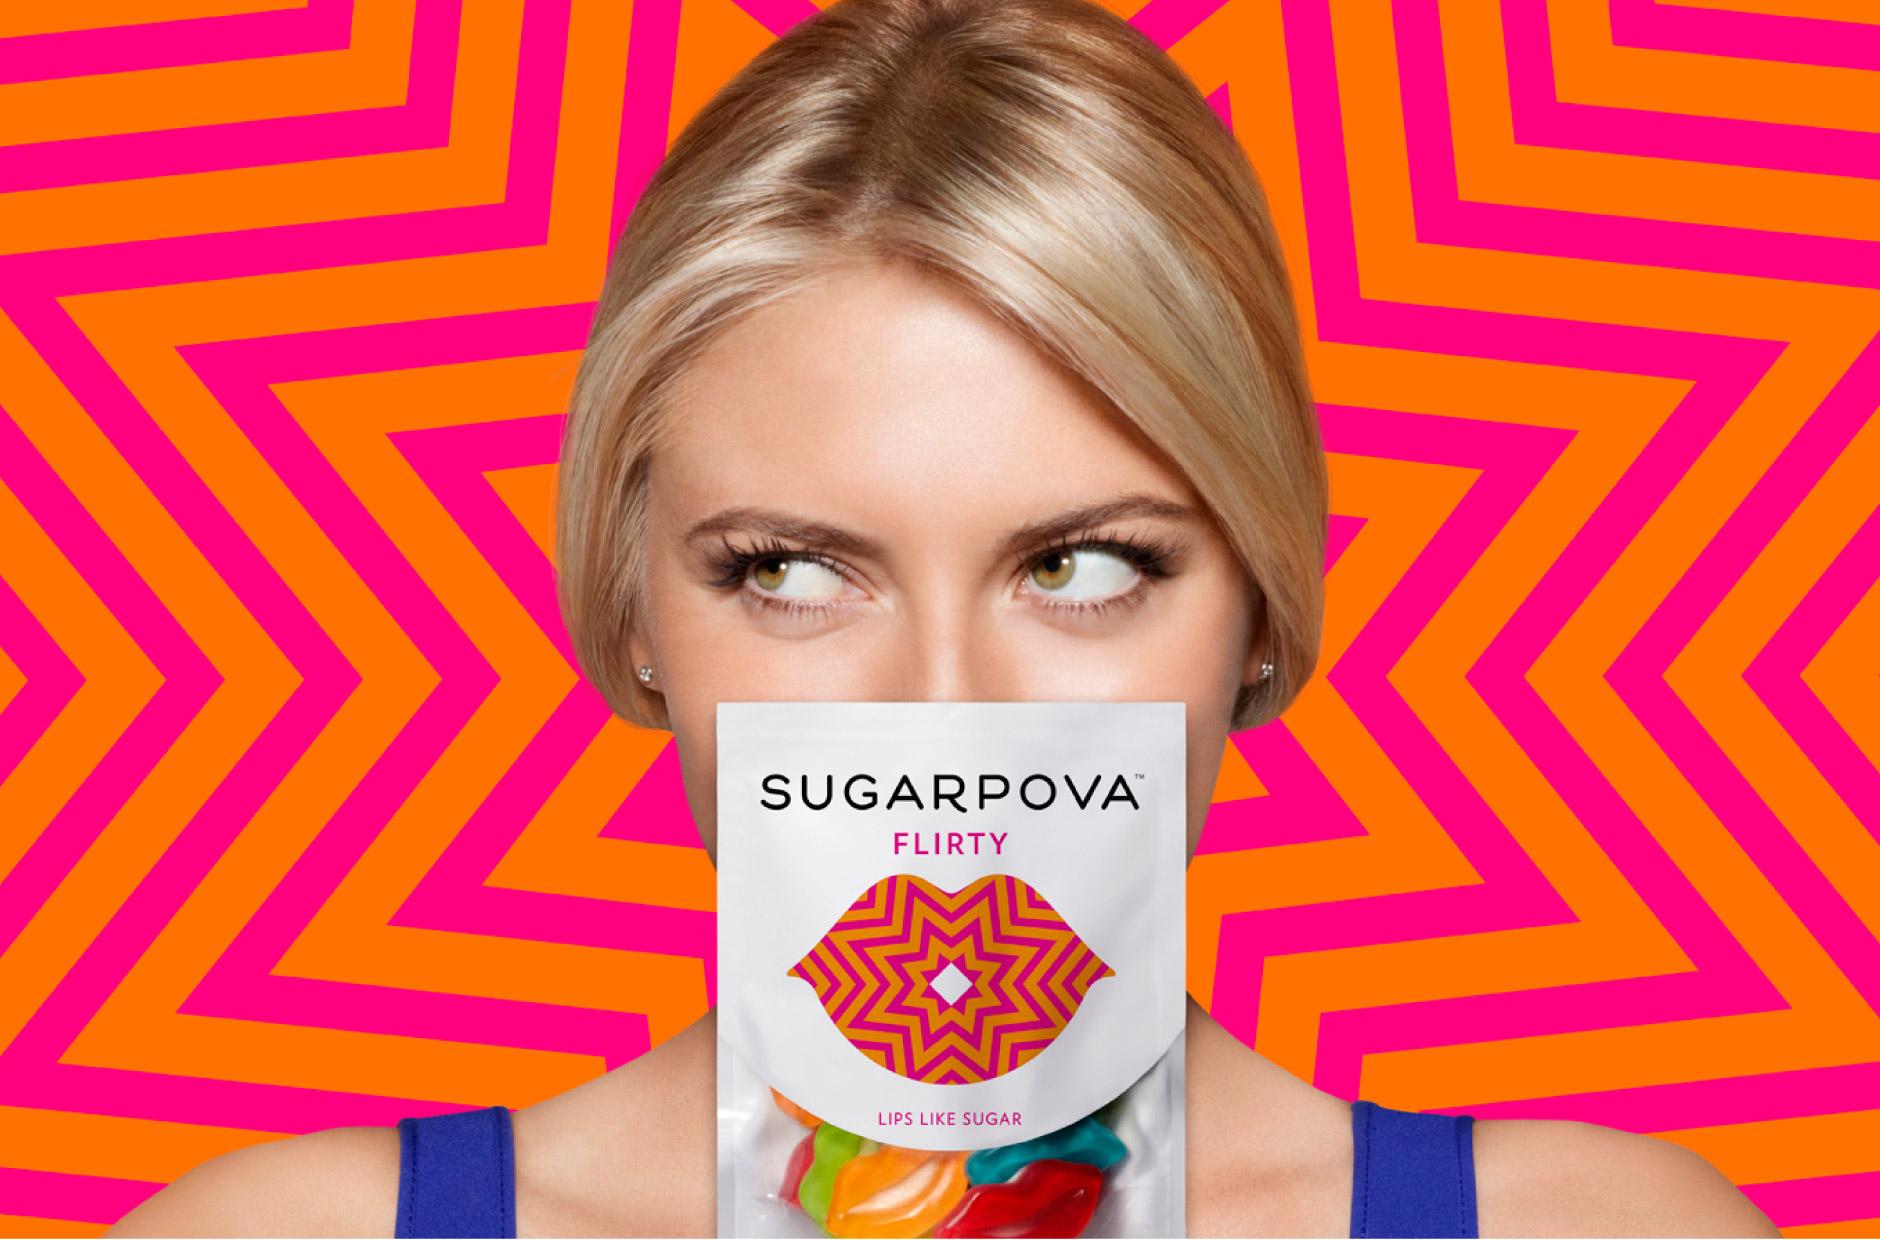 Sugarpova 萨拉波娃糖果店品牌形象设计3-包装设计1-上海品牌策划设计公司分享